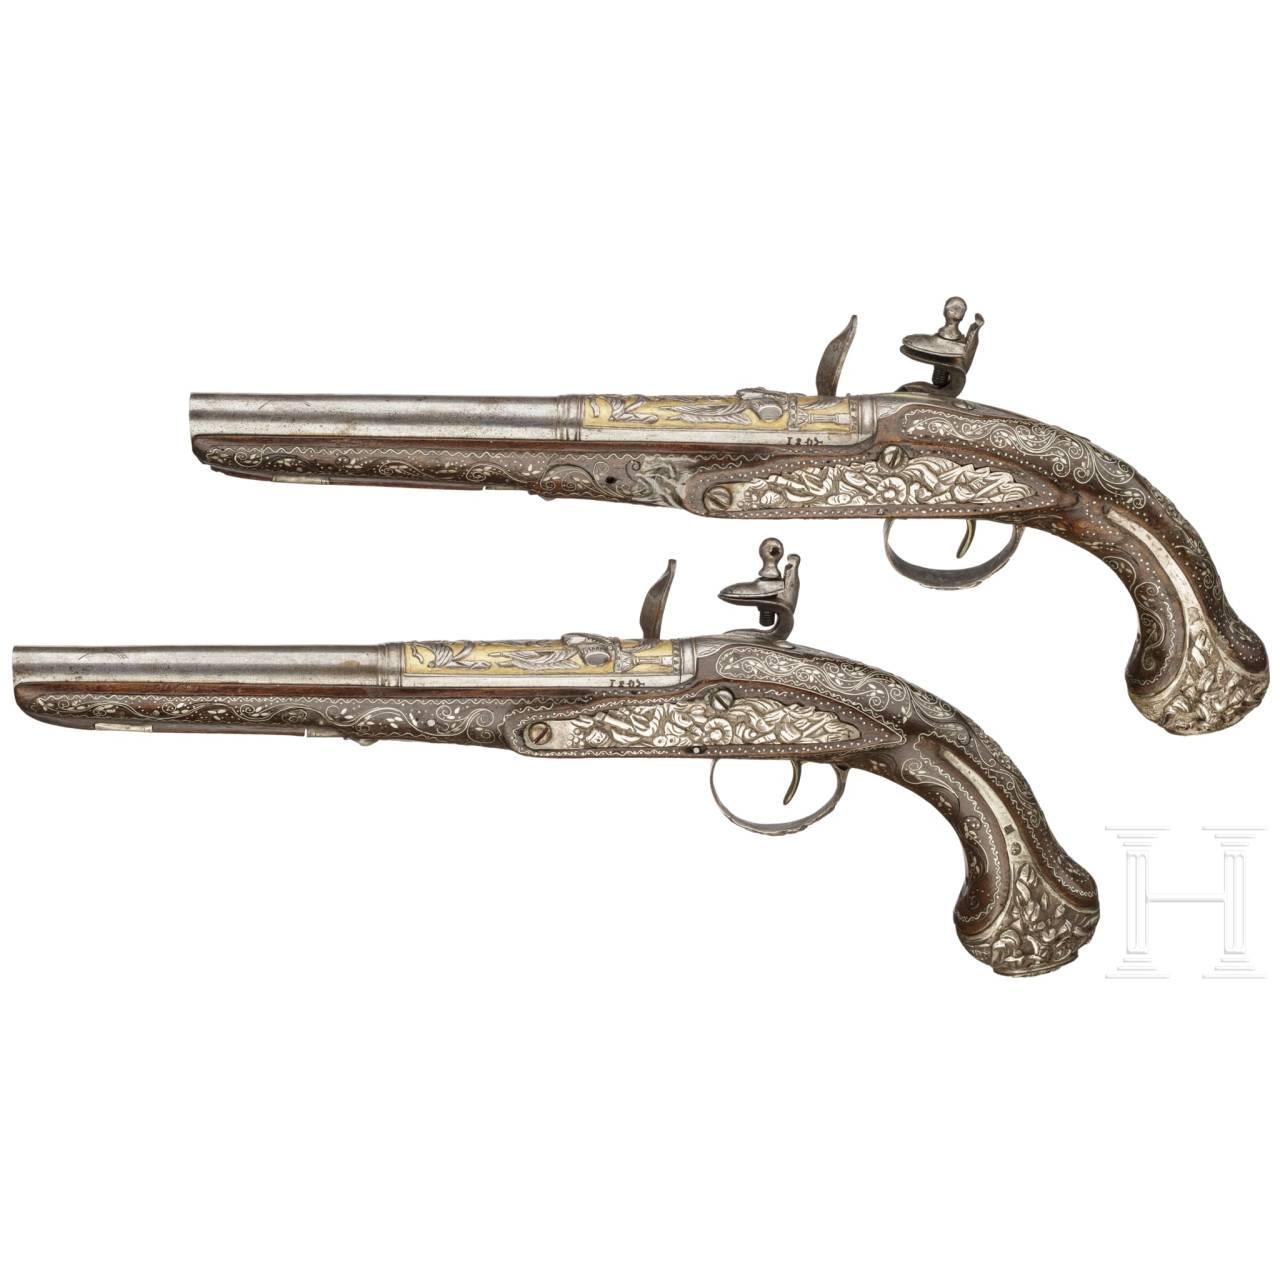 Ein Paar silbermontierte Luxus-Steinschlosspistolen, osmanisch, um 1820